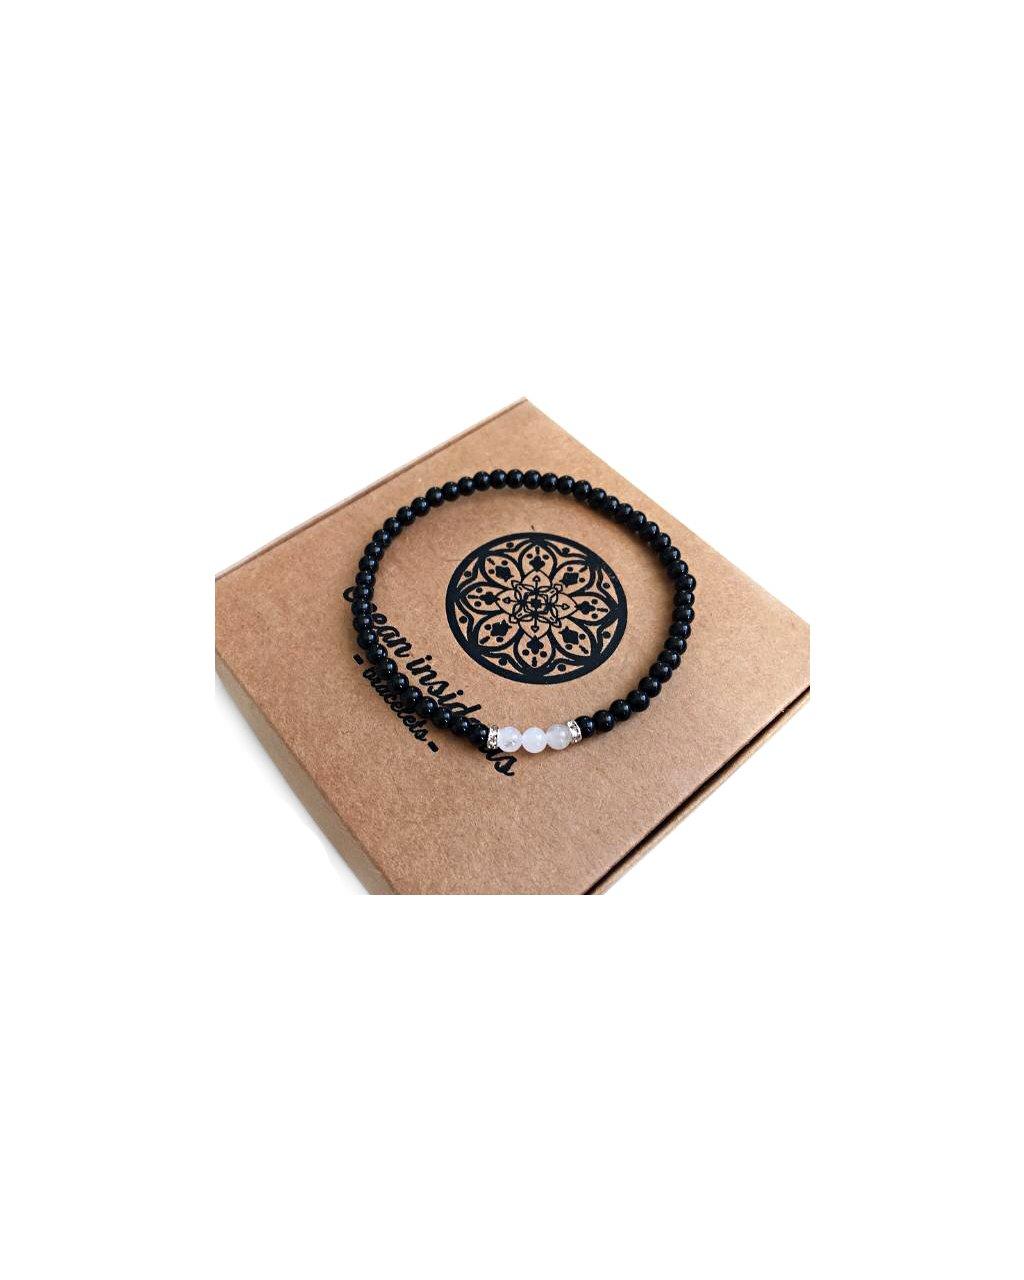 Pánský jemný náramek z minerálních kamenů lesklý onyx a jadeit bílý